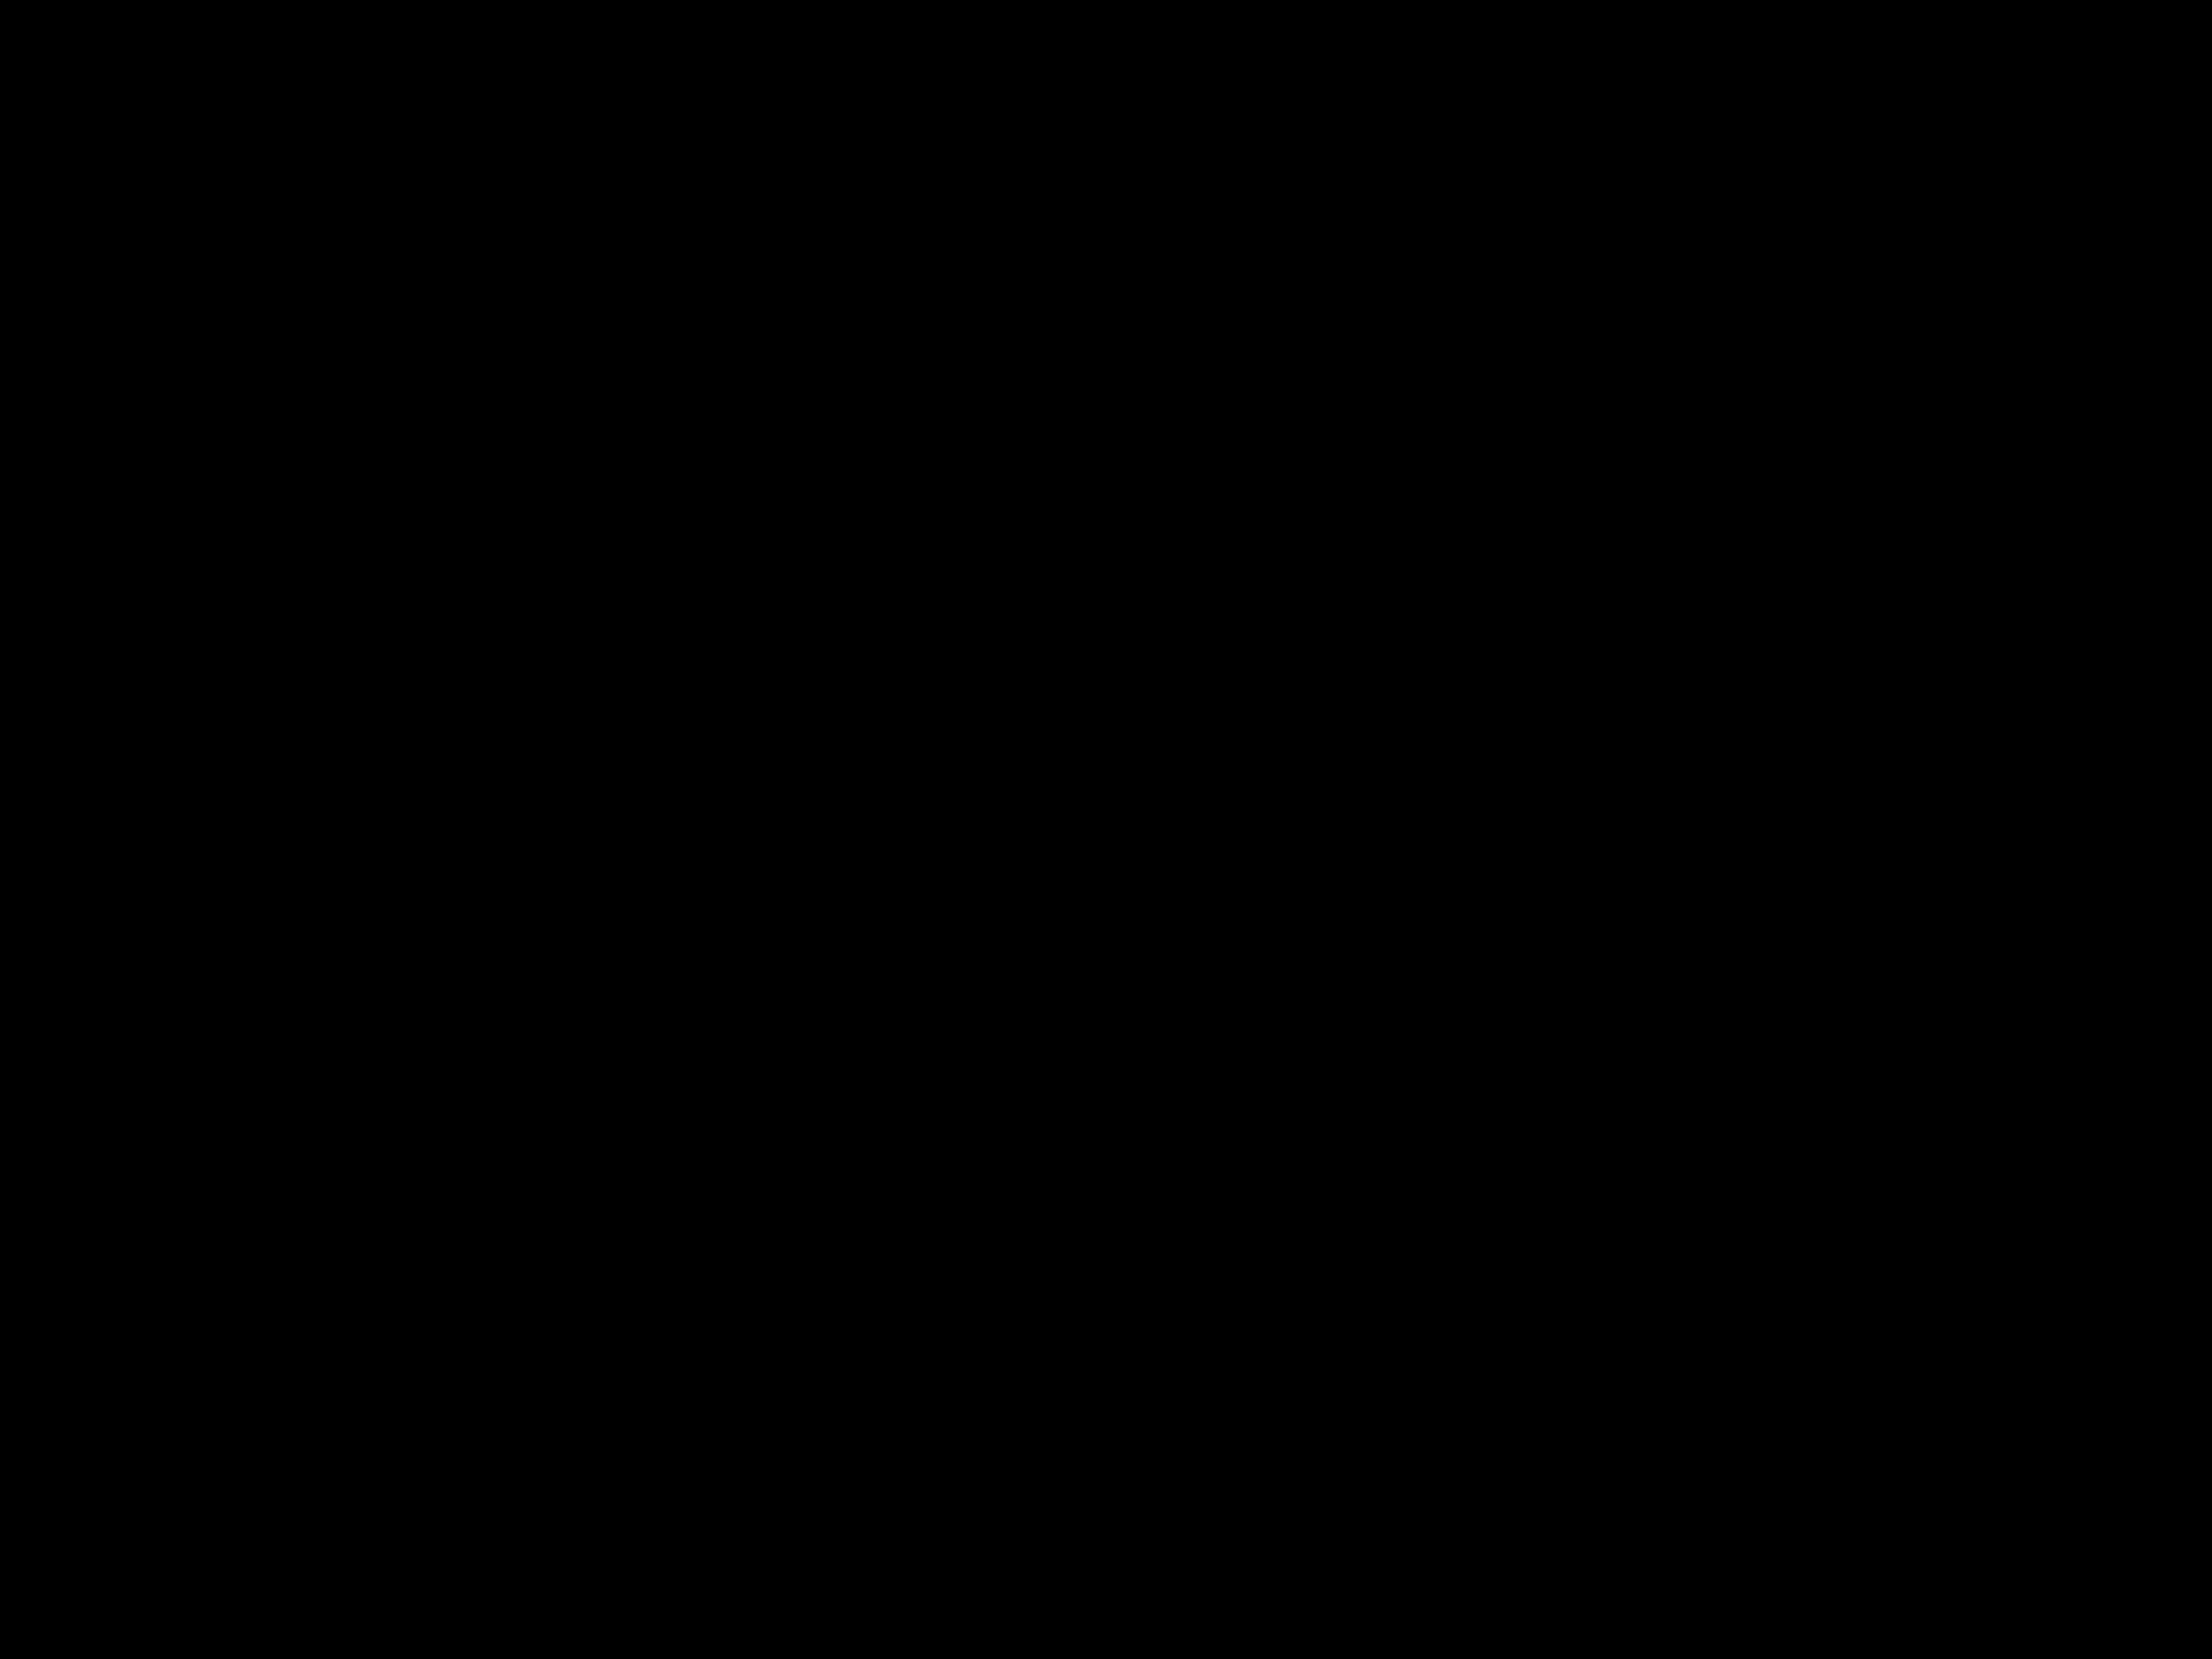 รีวิว Yoobao P2T พาวเวอร์แบงค์ความจุ 20000 mAh พกง่ายน้ำหนักเบา